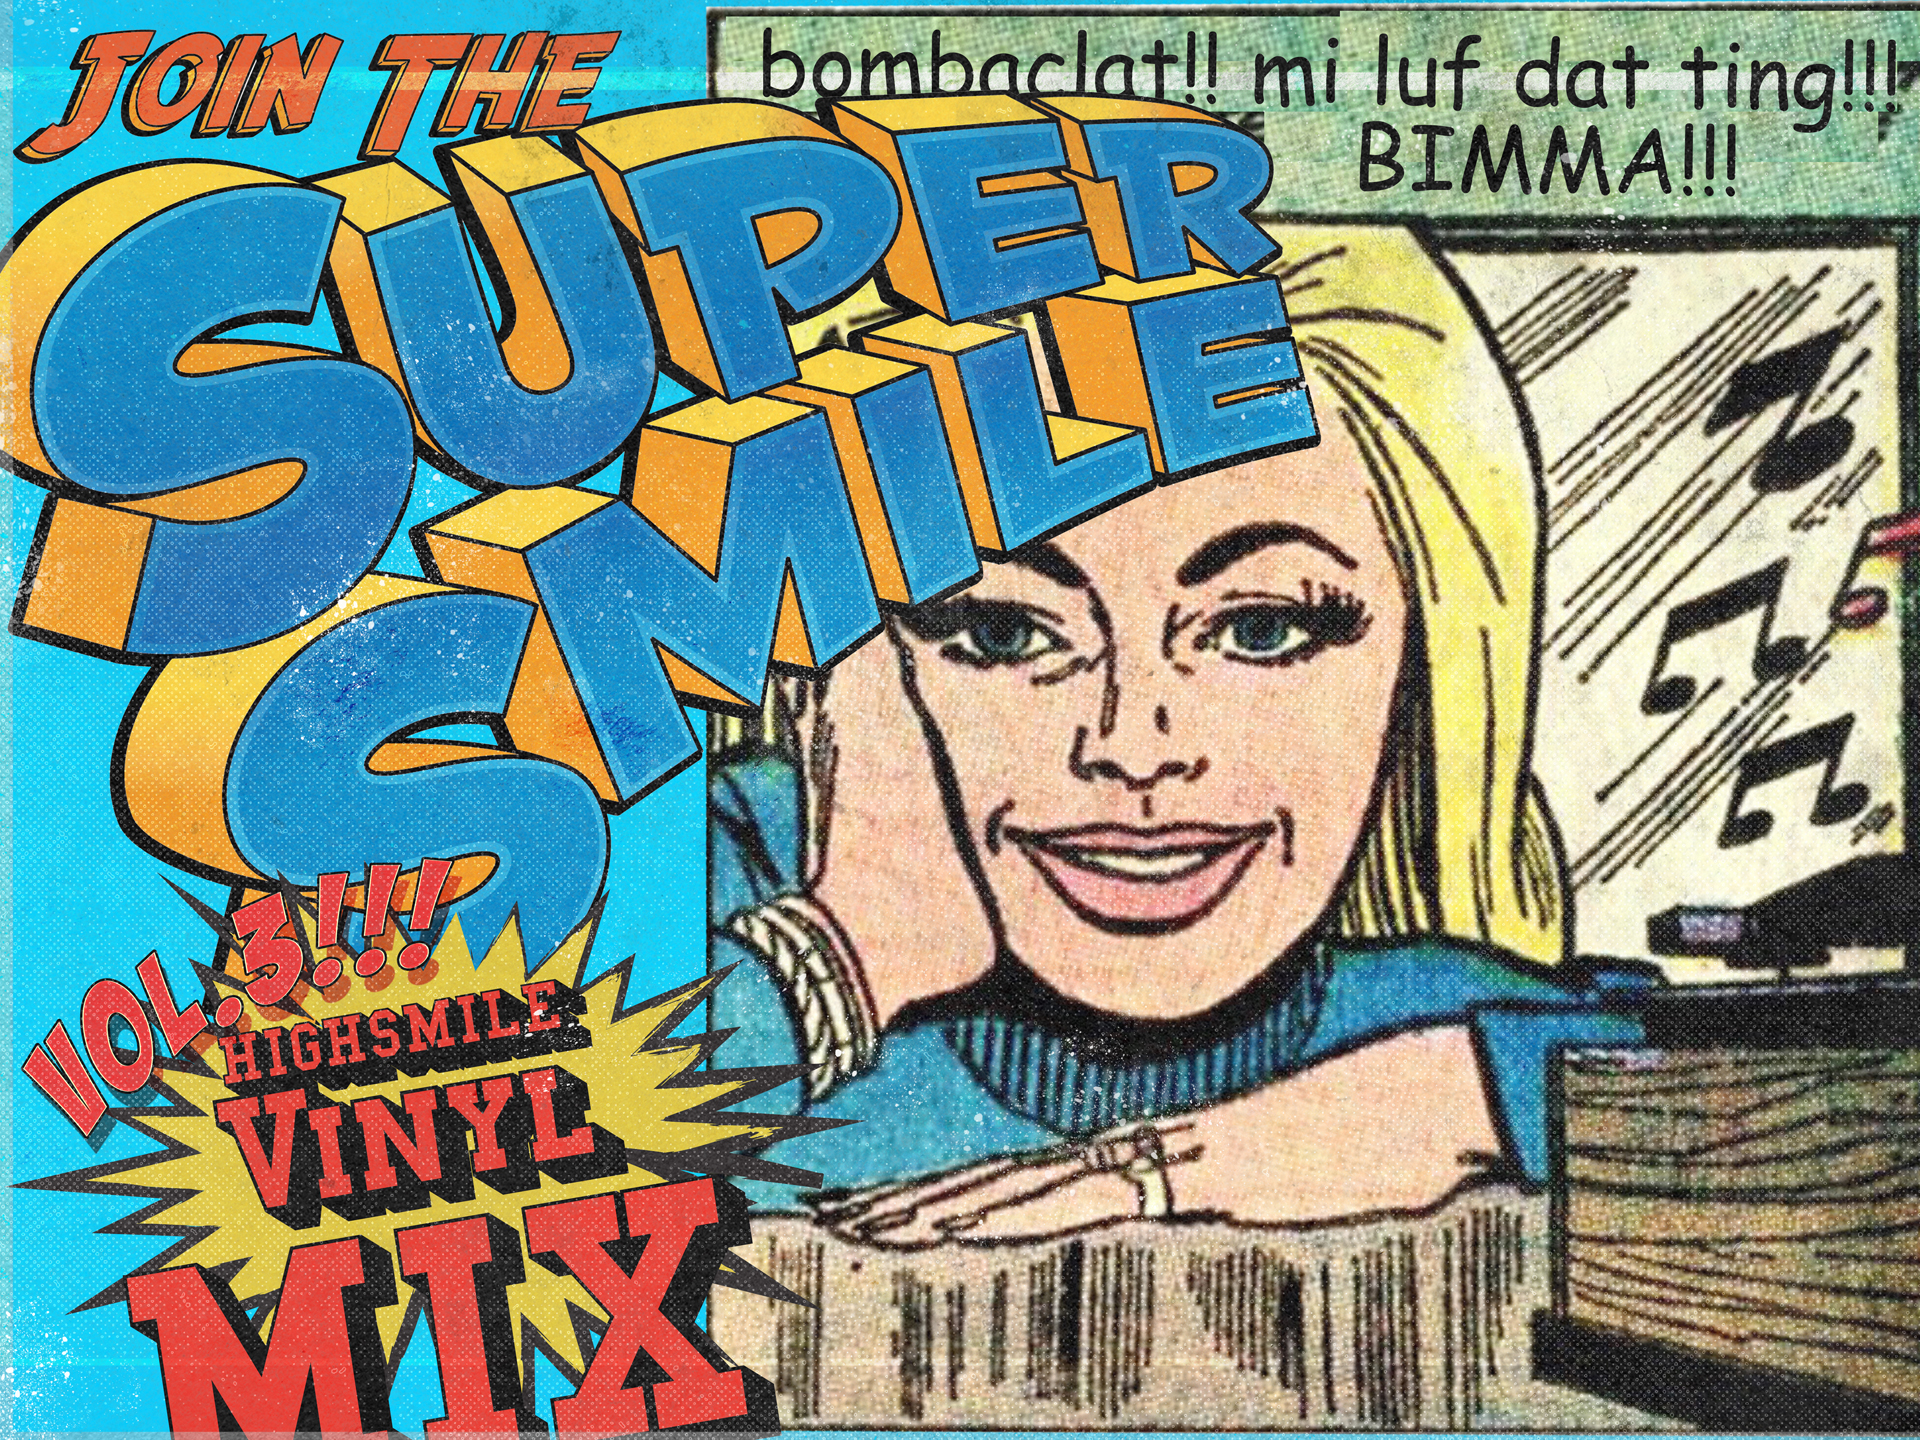 Vinyl Mixes HighSmileHiFi